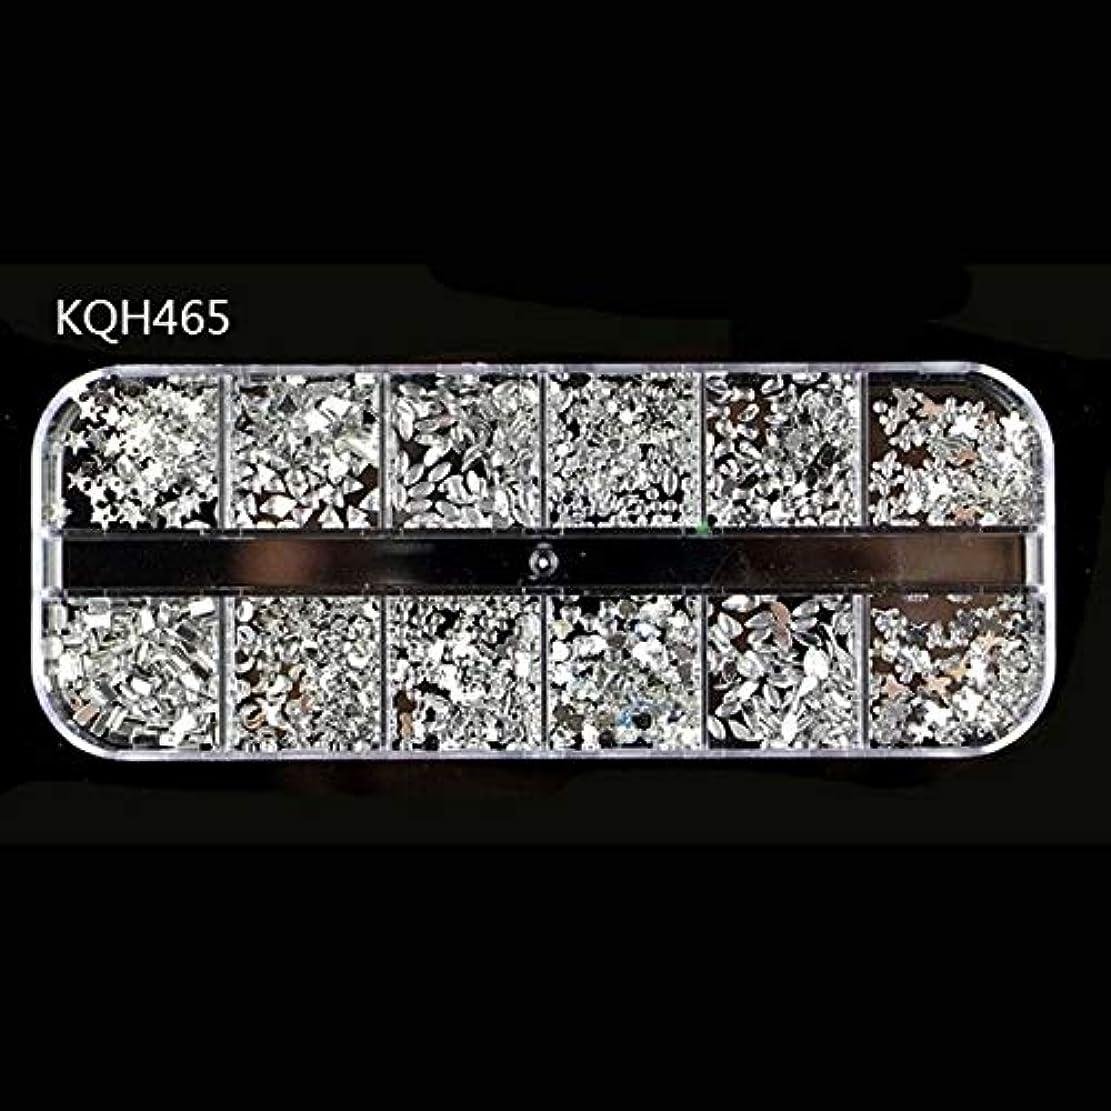 振る舞い倍率ポールMEI1JIA CELINEZL 3ピースラインストーン3Dクリスタルクリアストーン宝石真珠DIYネイルアートデコレーション(KQH465) (色 : KQH465)